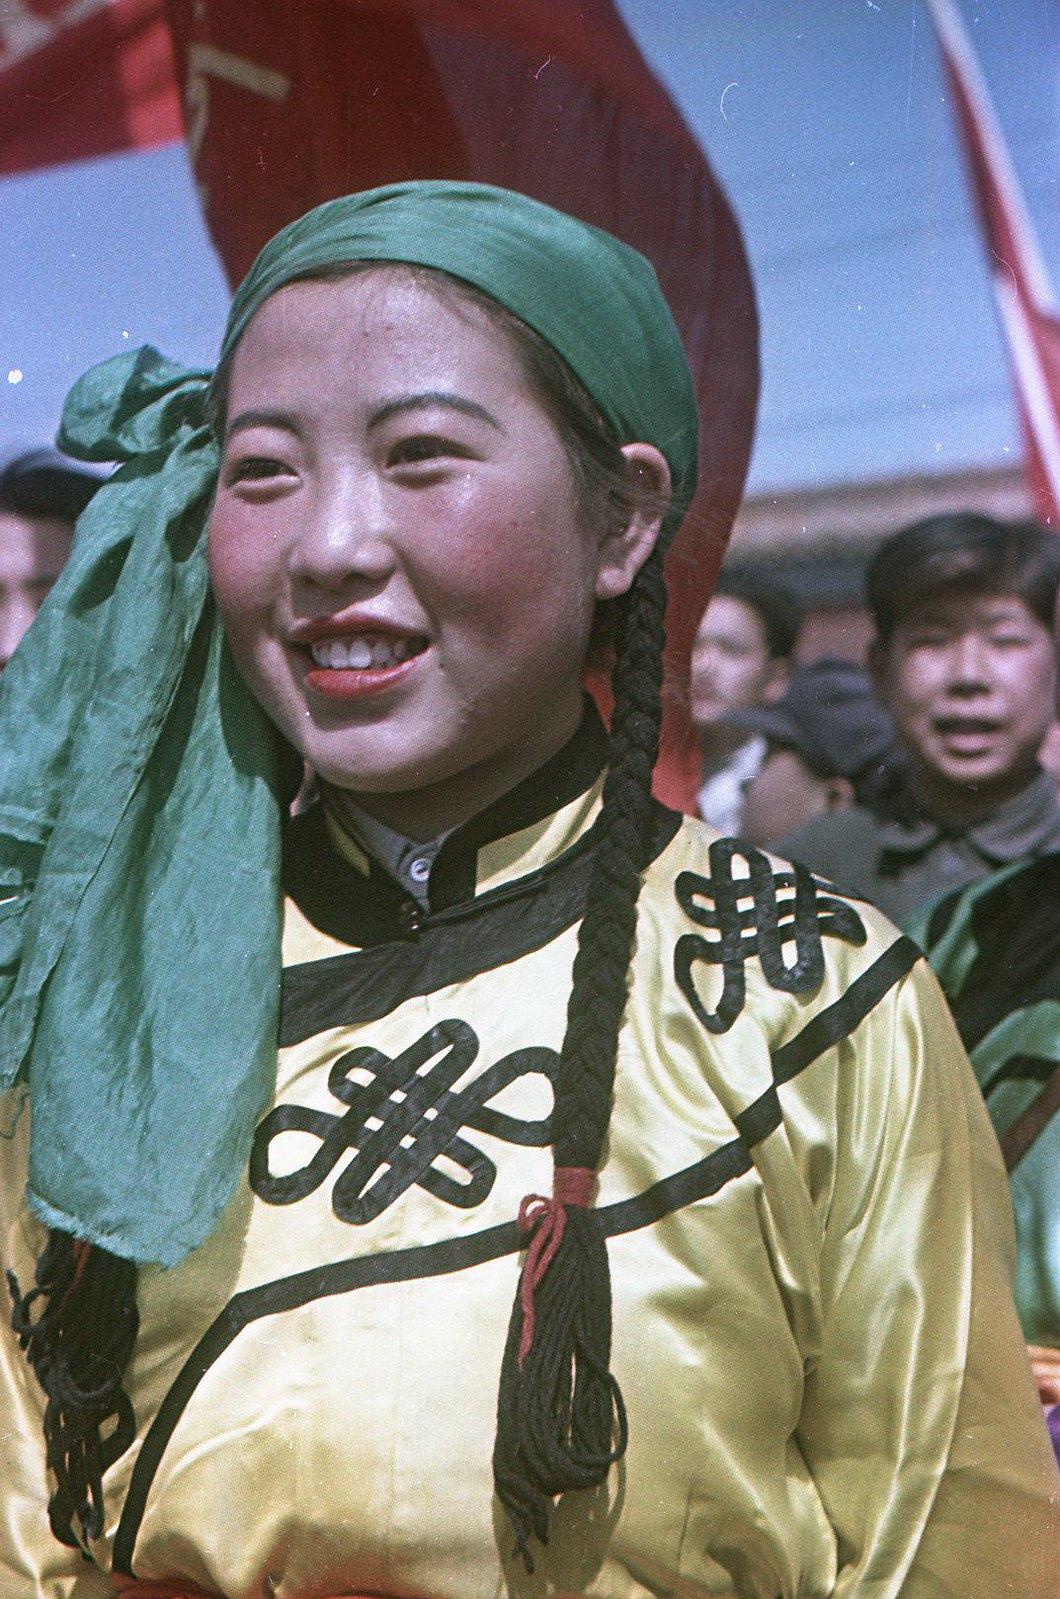 1949. На площади Тяньаньмэнь в день торжеств 1 октября.  Девушка - представительница монгольского национального меньшинства